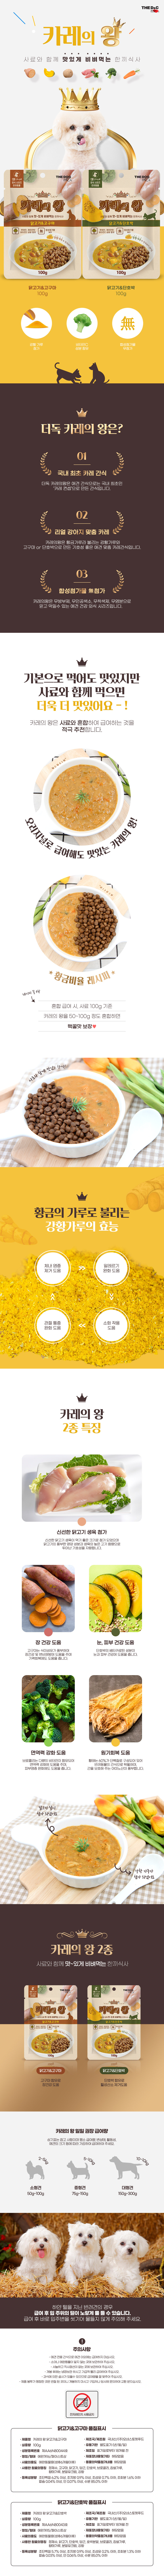 [2+1] 더독 카레의 왕 닭고기&단호박 100g